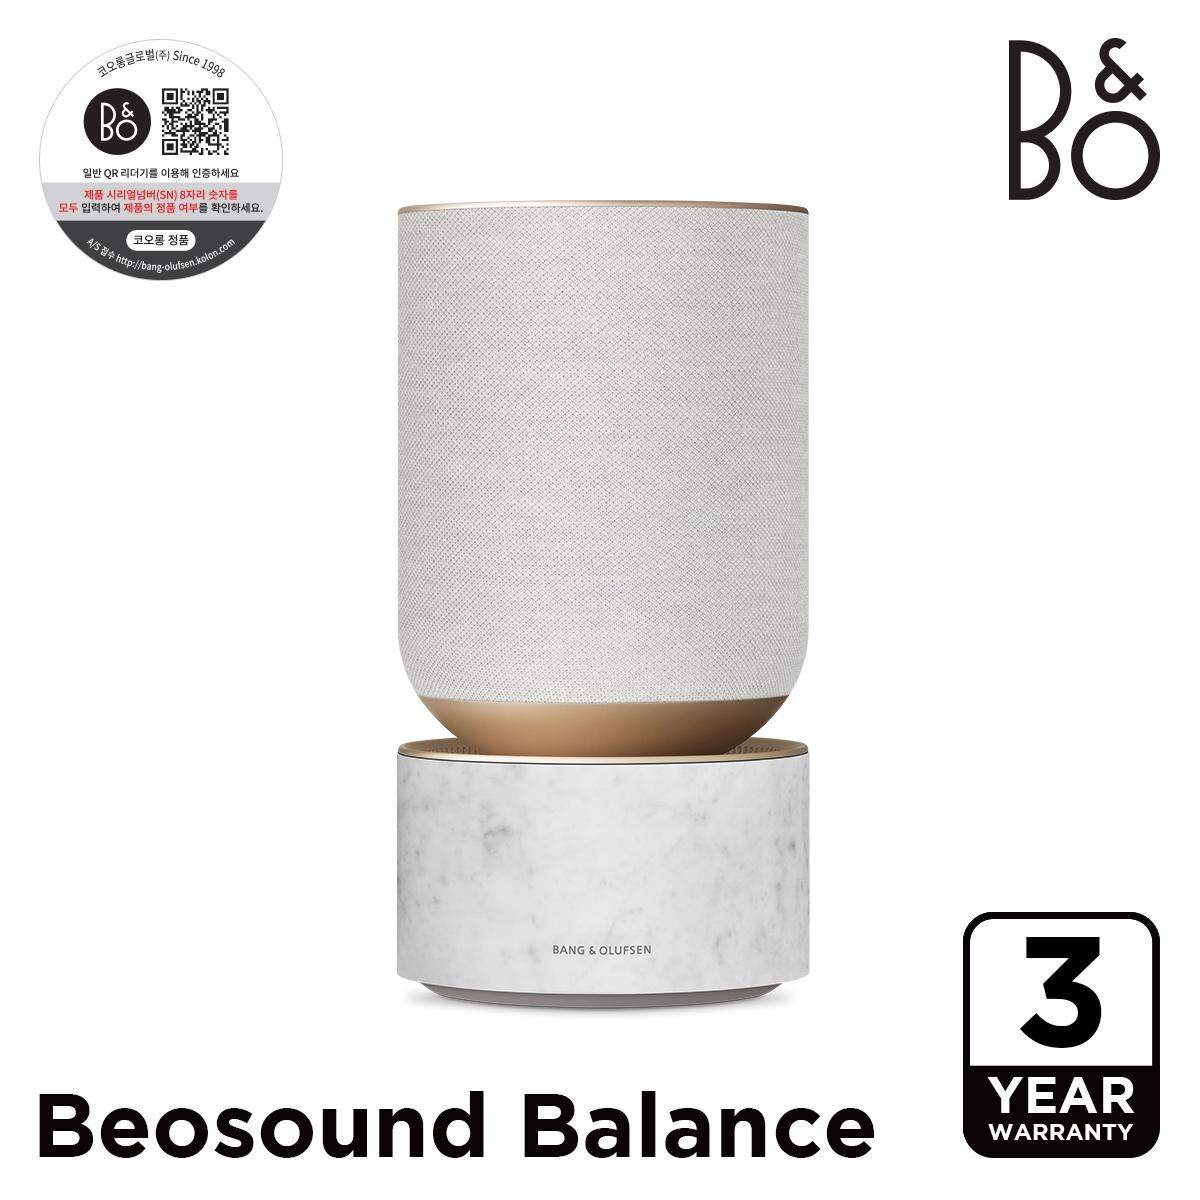 정품 뱅앤올룹슨 베오사운드 밸런스 (Beosound Balance) 프리미엄 블루투스 스피커 Gold